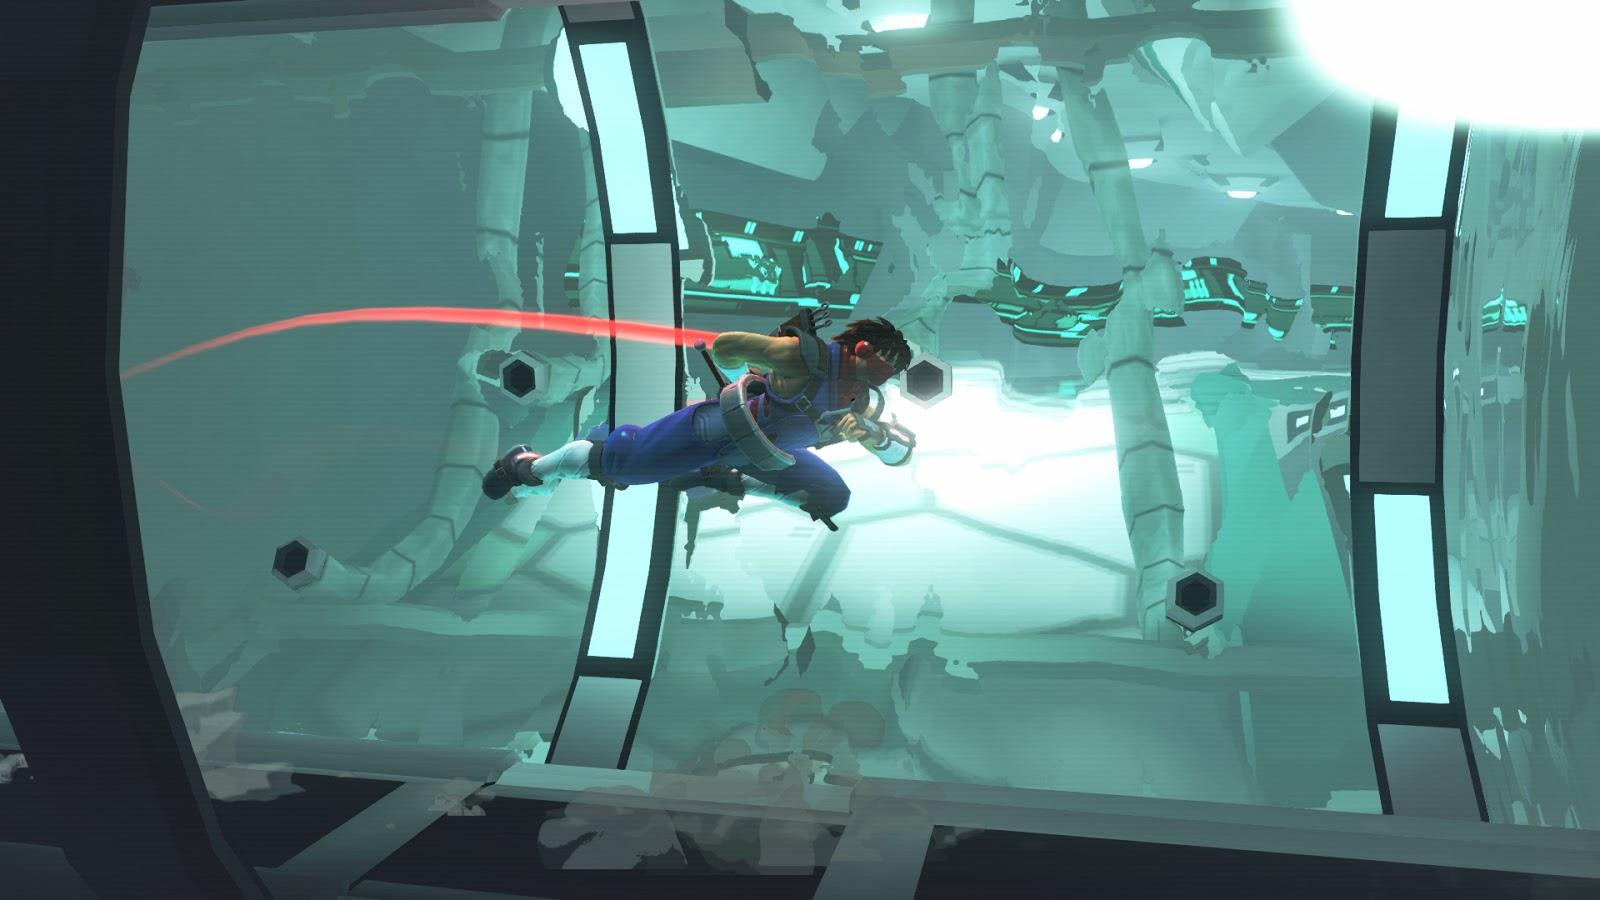 Strider (Multi) será lançado no Brasil no dia 18 de fevereiro com novas mecânicas e modos de jogo Strider2